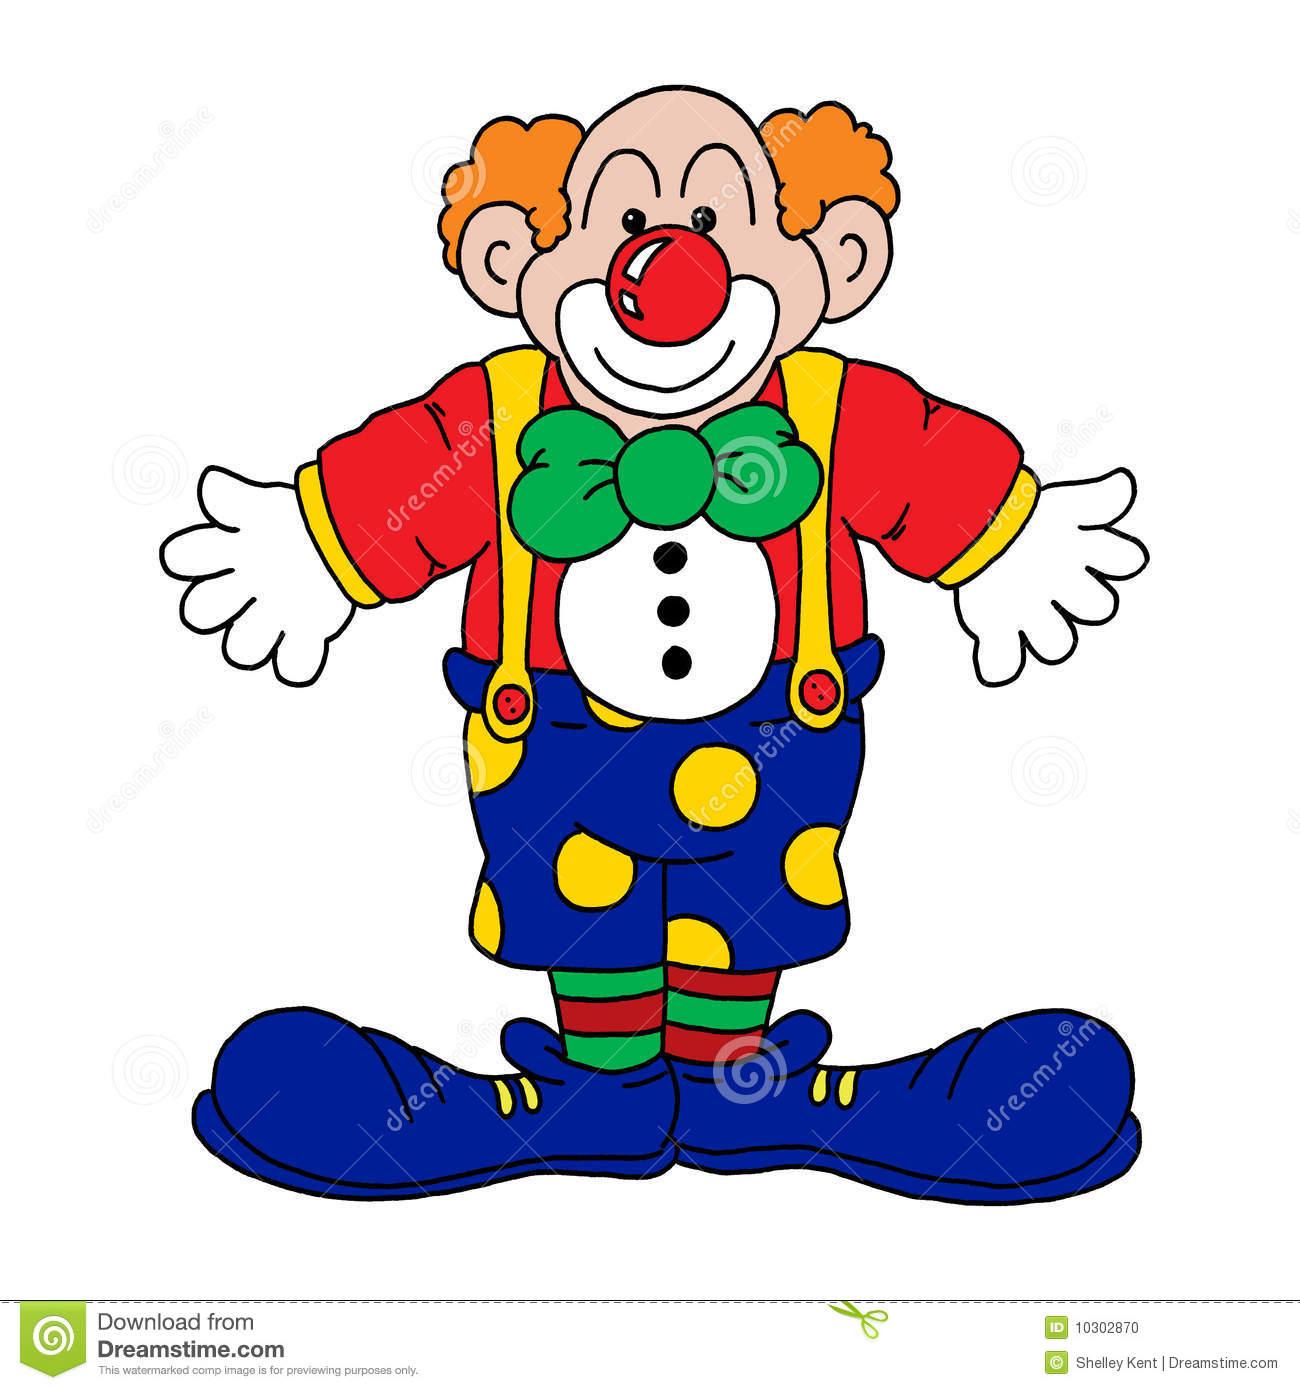 Clown Illustration Stock. Illustration Du Dessiné, Amusement destiné Dessin De Clown En Couleur